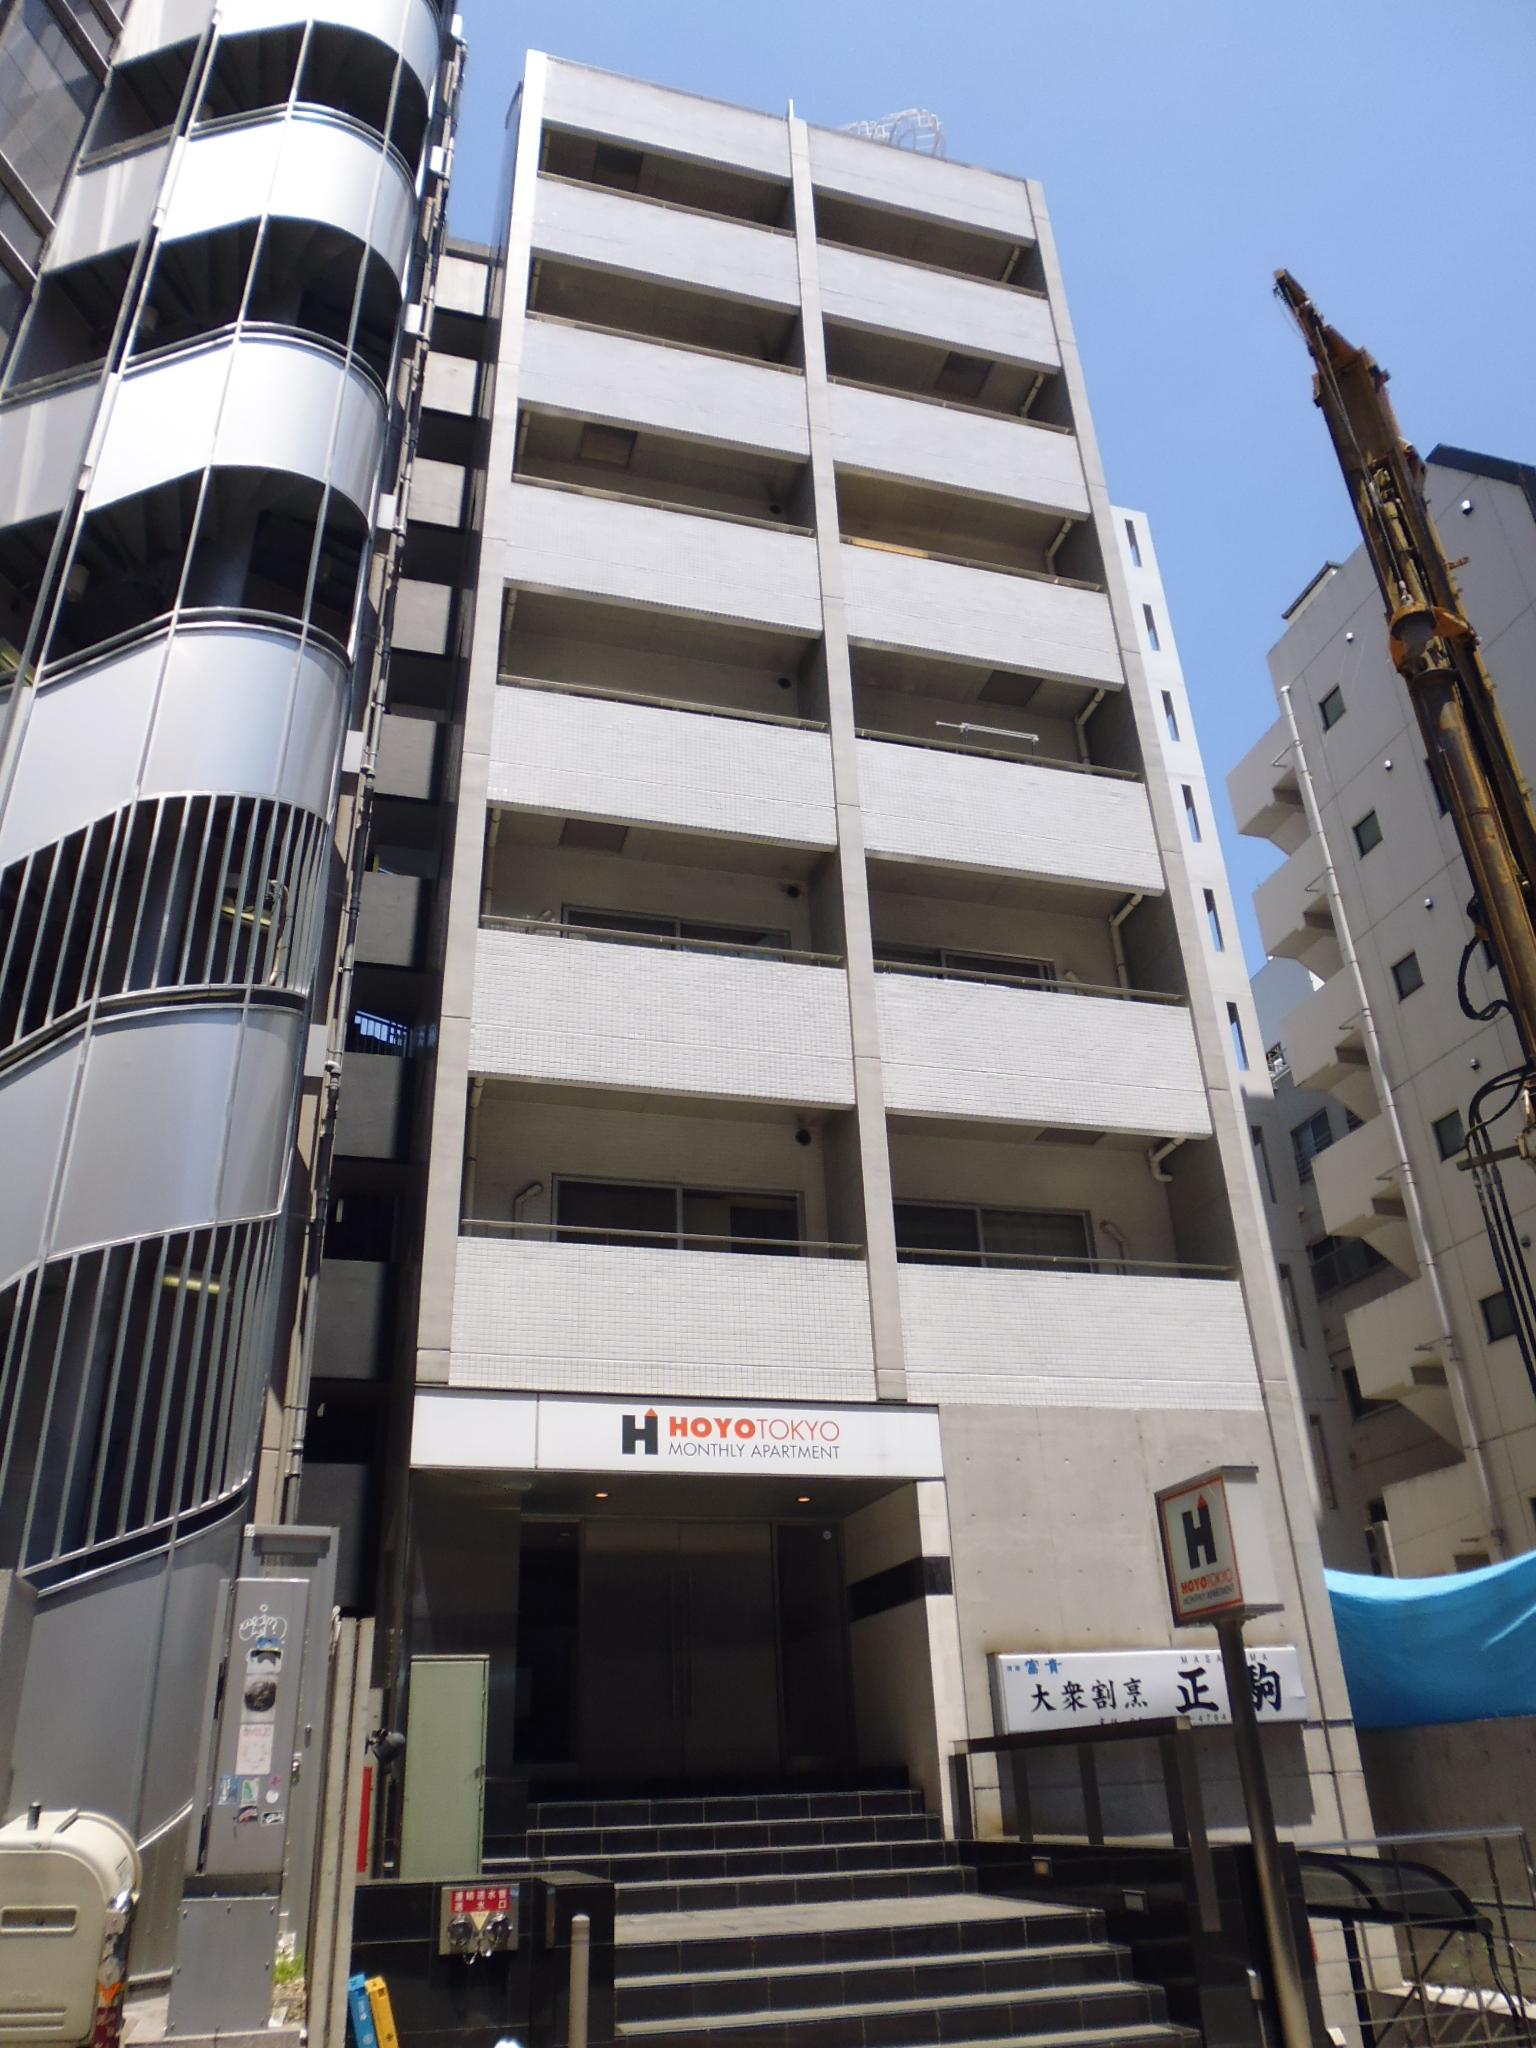 ホーヨー東京レジデンス赤坂3丁目 902号室